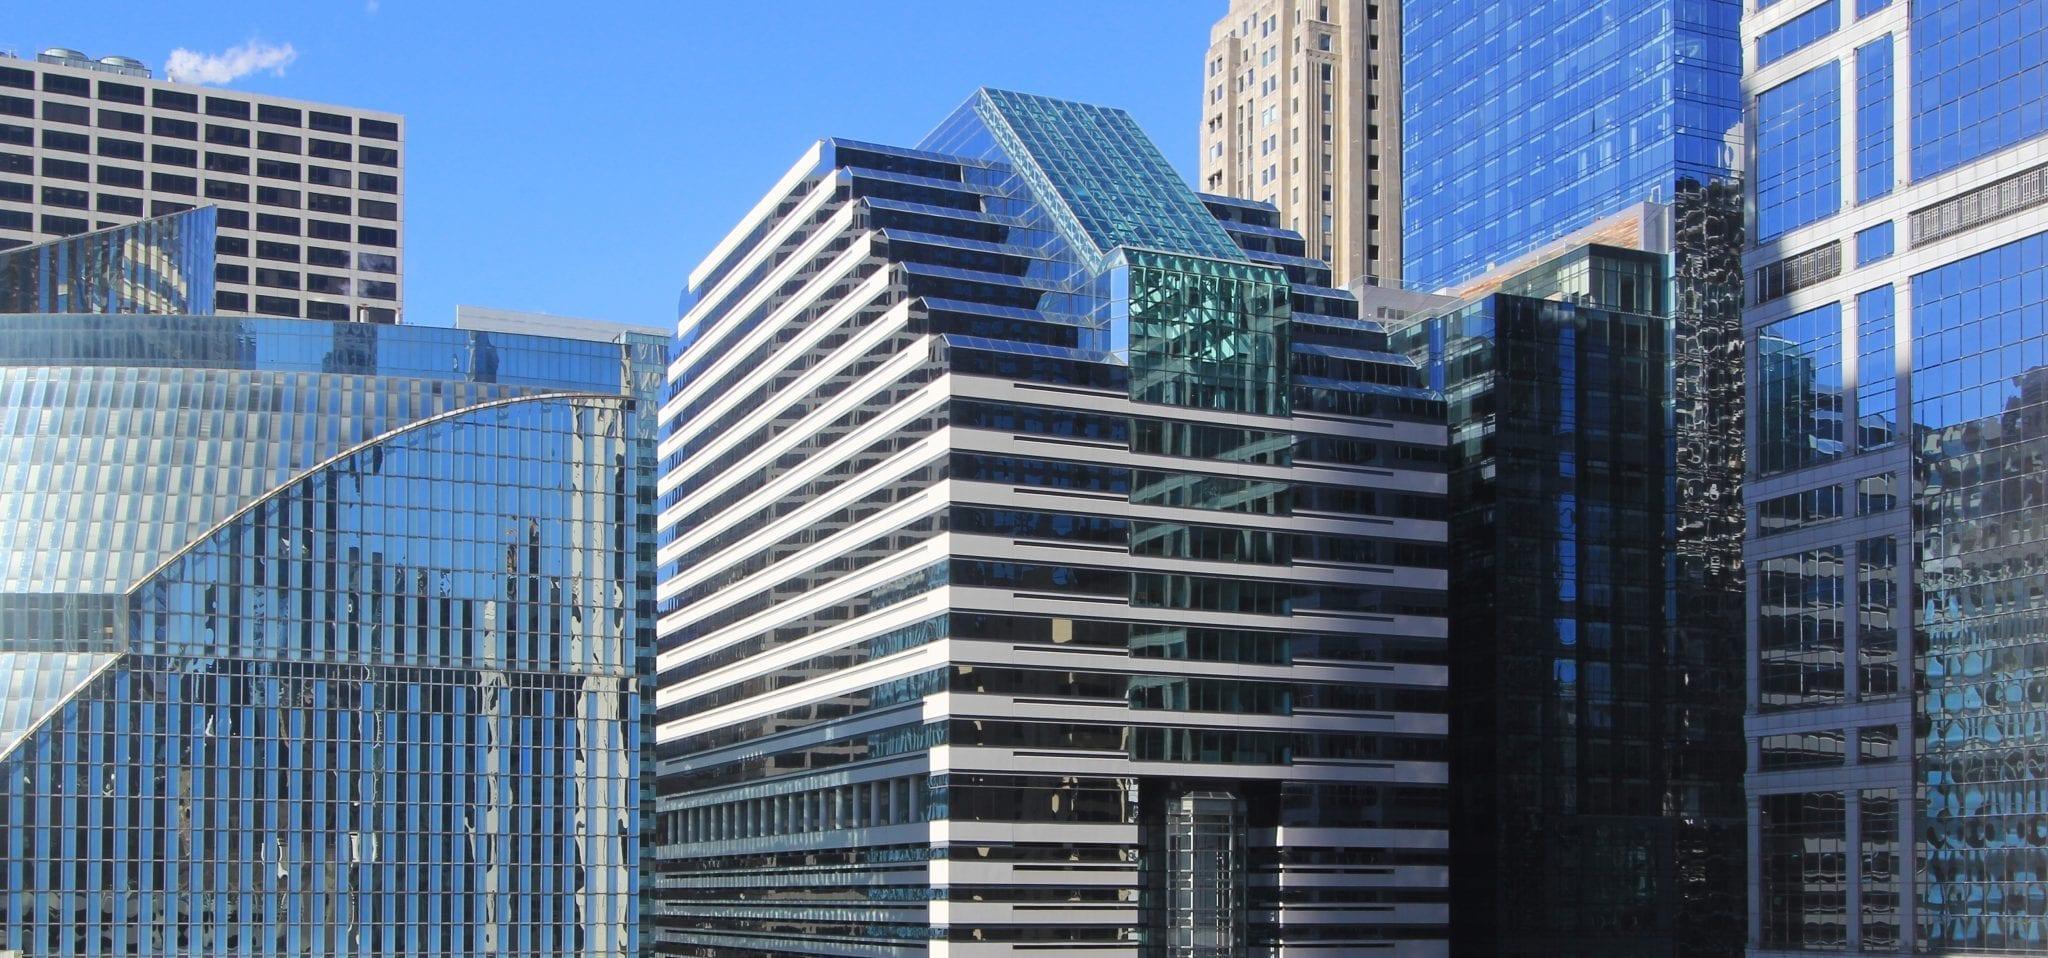 203-north-lasalle-chicago